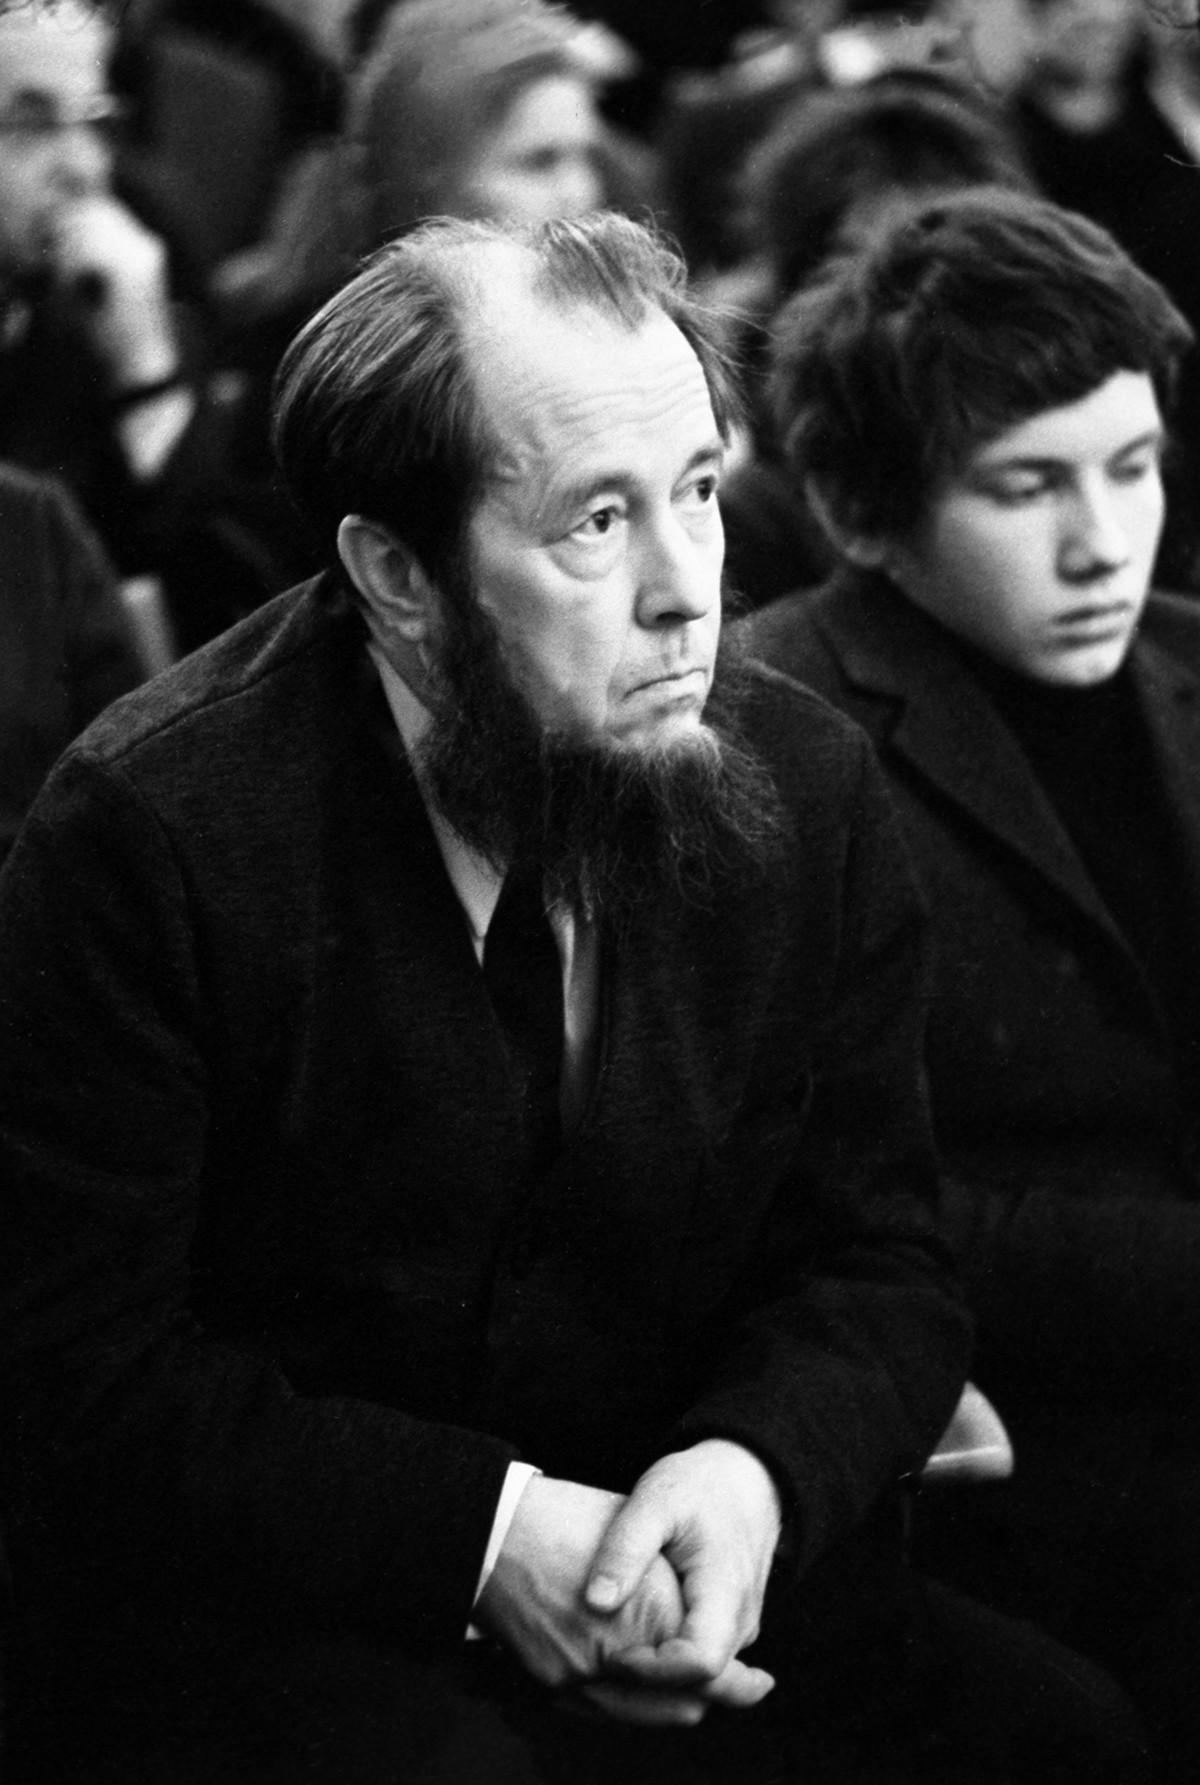 Aleksandr Solzhenitsyn, uno dei più famosi autori russi dissidenti. Il suo libro sui gulag fu il primo a essere permesso dalle autorità sovietiche. Nel 1970, gli fu assegnato il premio Nobel e, nel 1974, fu costretto a lasciare l'Unione Sovietica